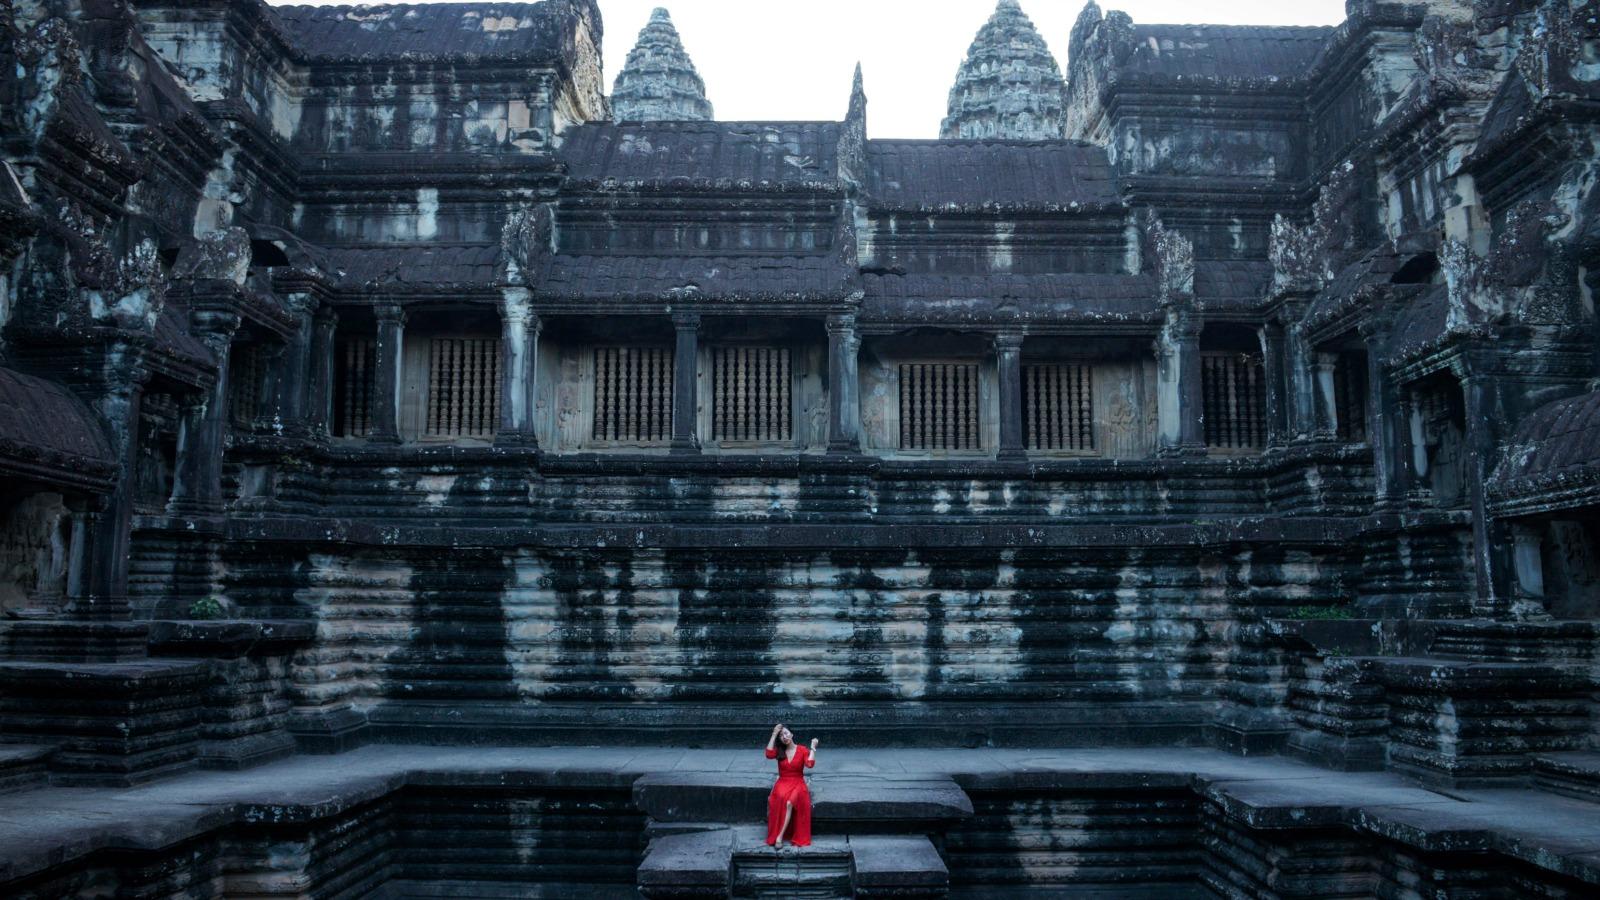 Vẻ đẹp kỳ bí của ngôi đền Ạnkor Wat, Sieam Reap